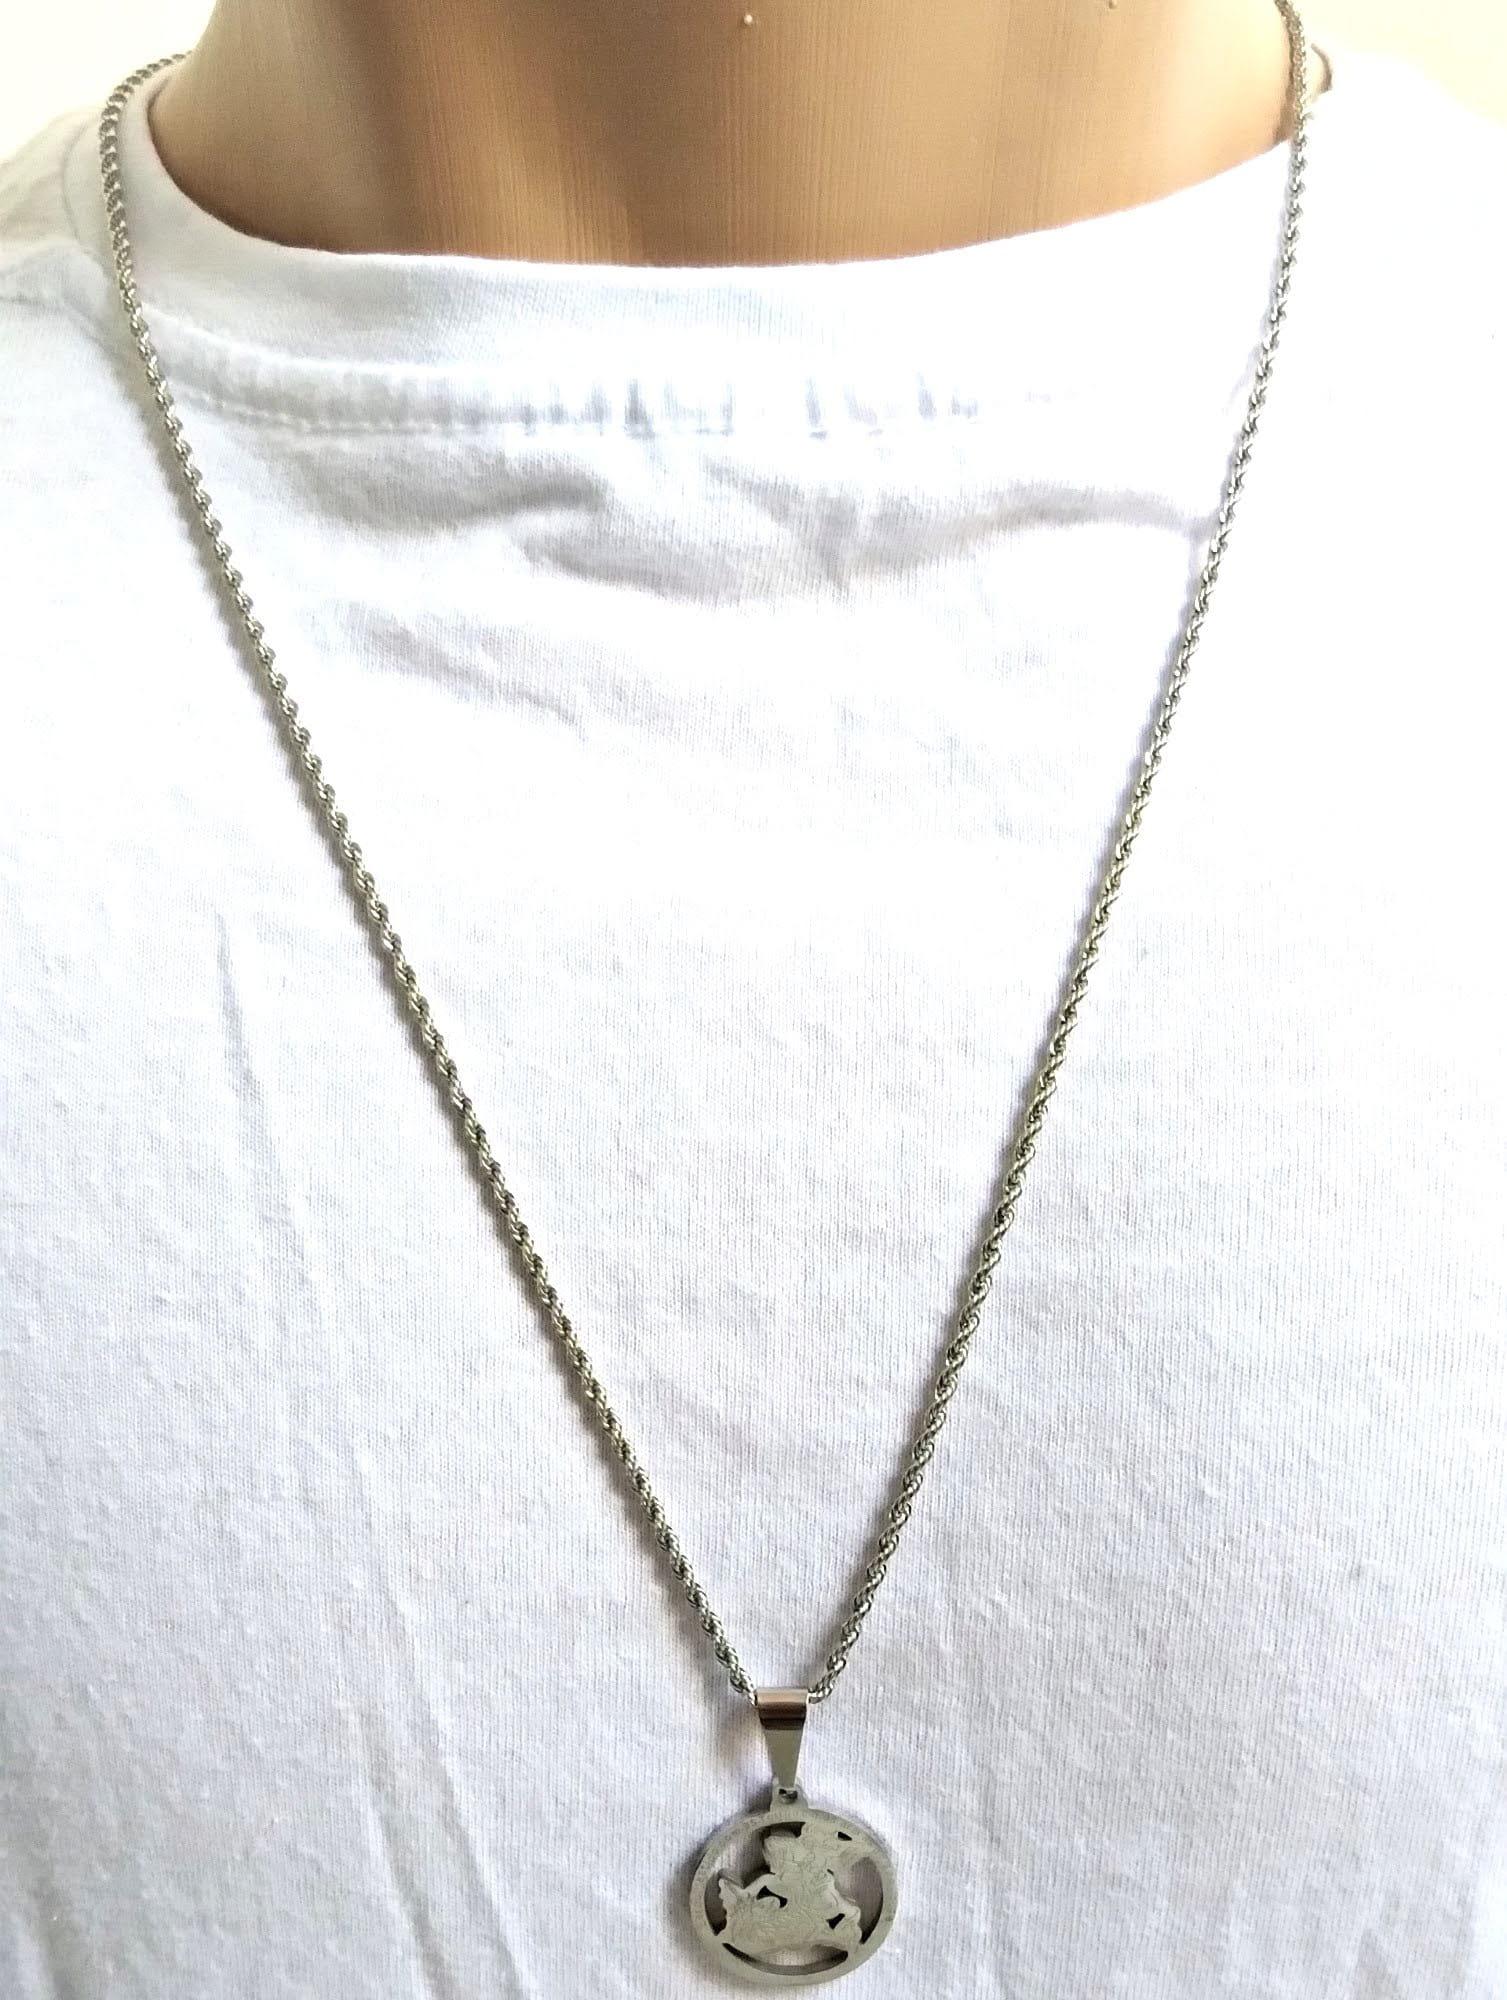 Cordão Corrente Malha Corda Aço Cirúrgico 70cm São Jorge